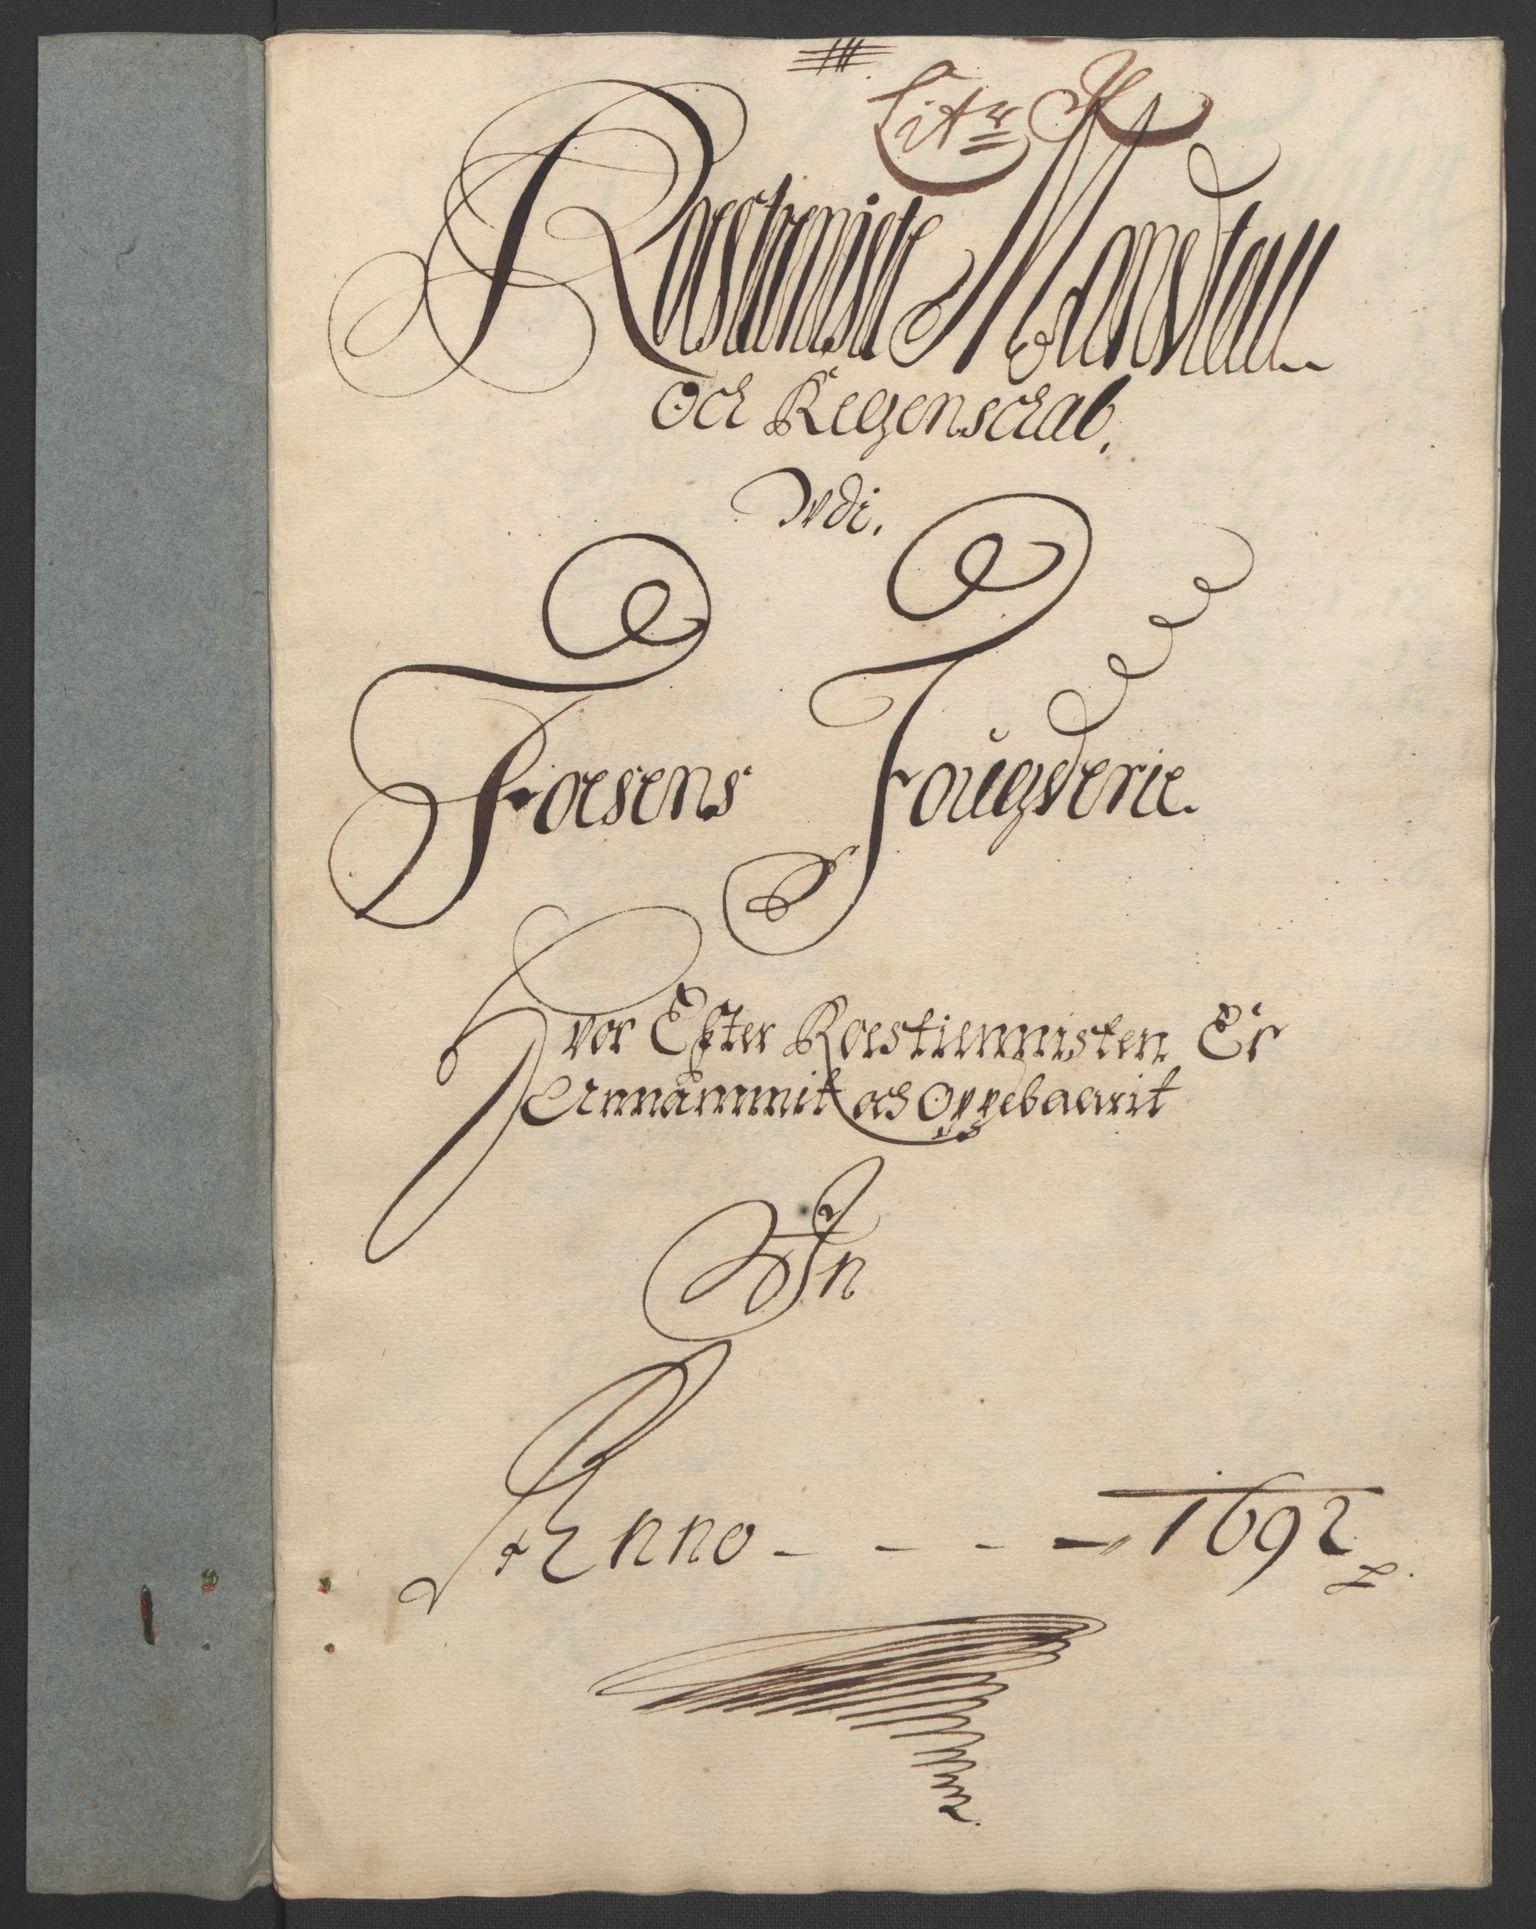 RA, Rentekammeret inntil 1814, Reviderte regnskaper, Fogderegnskap, R57/L3849: Fogderegnskap Fosen, 1692-1693, s. 162